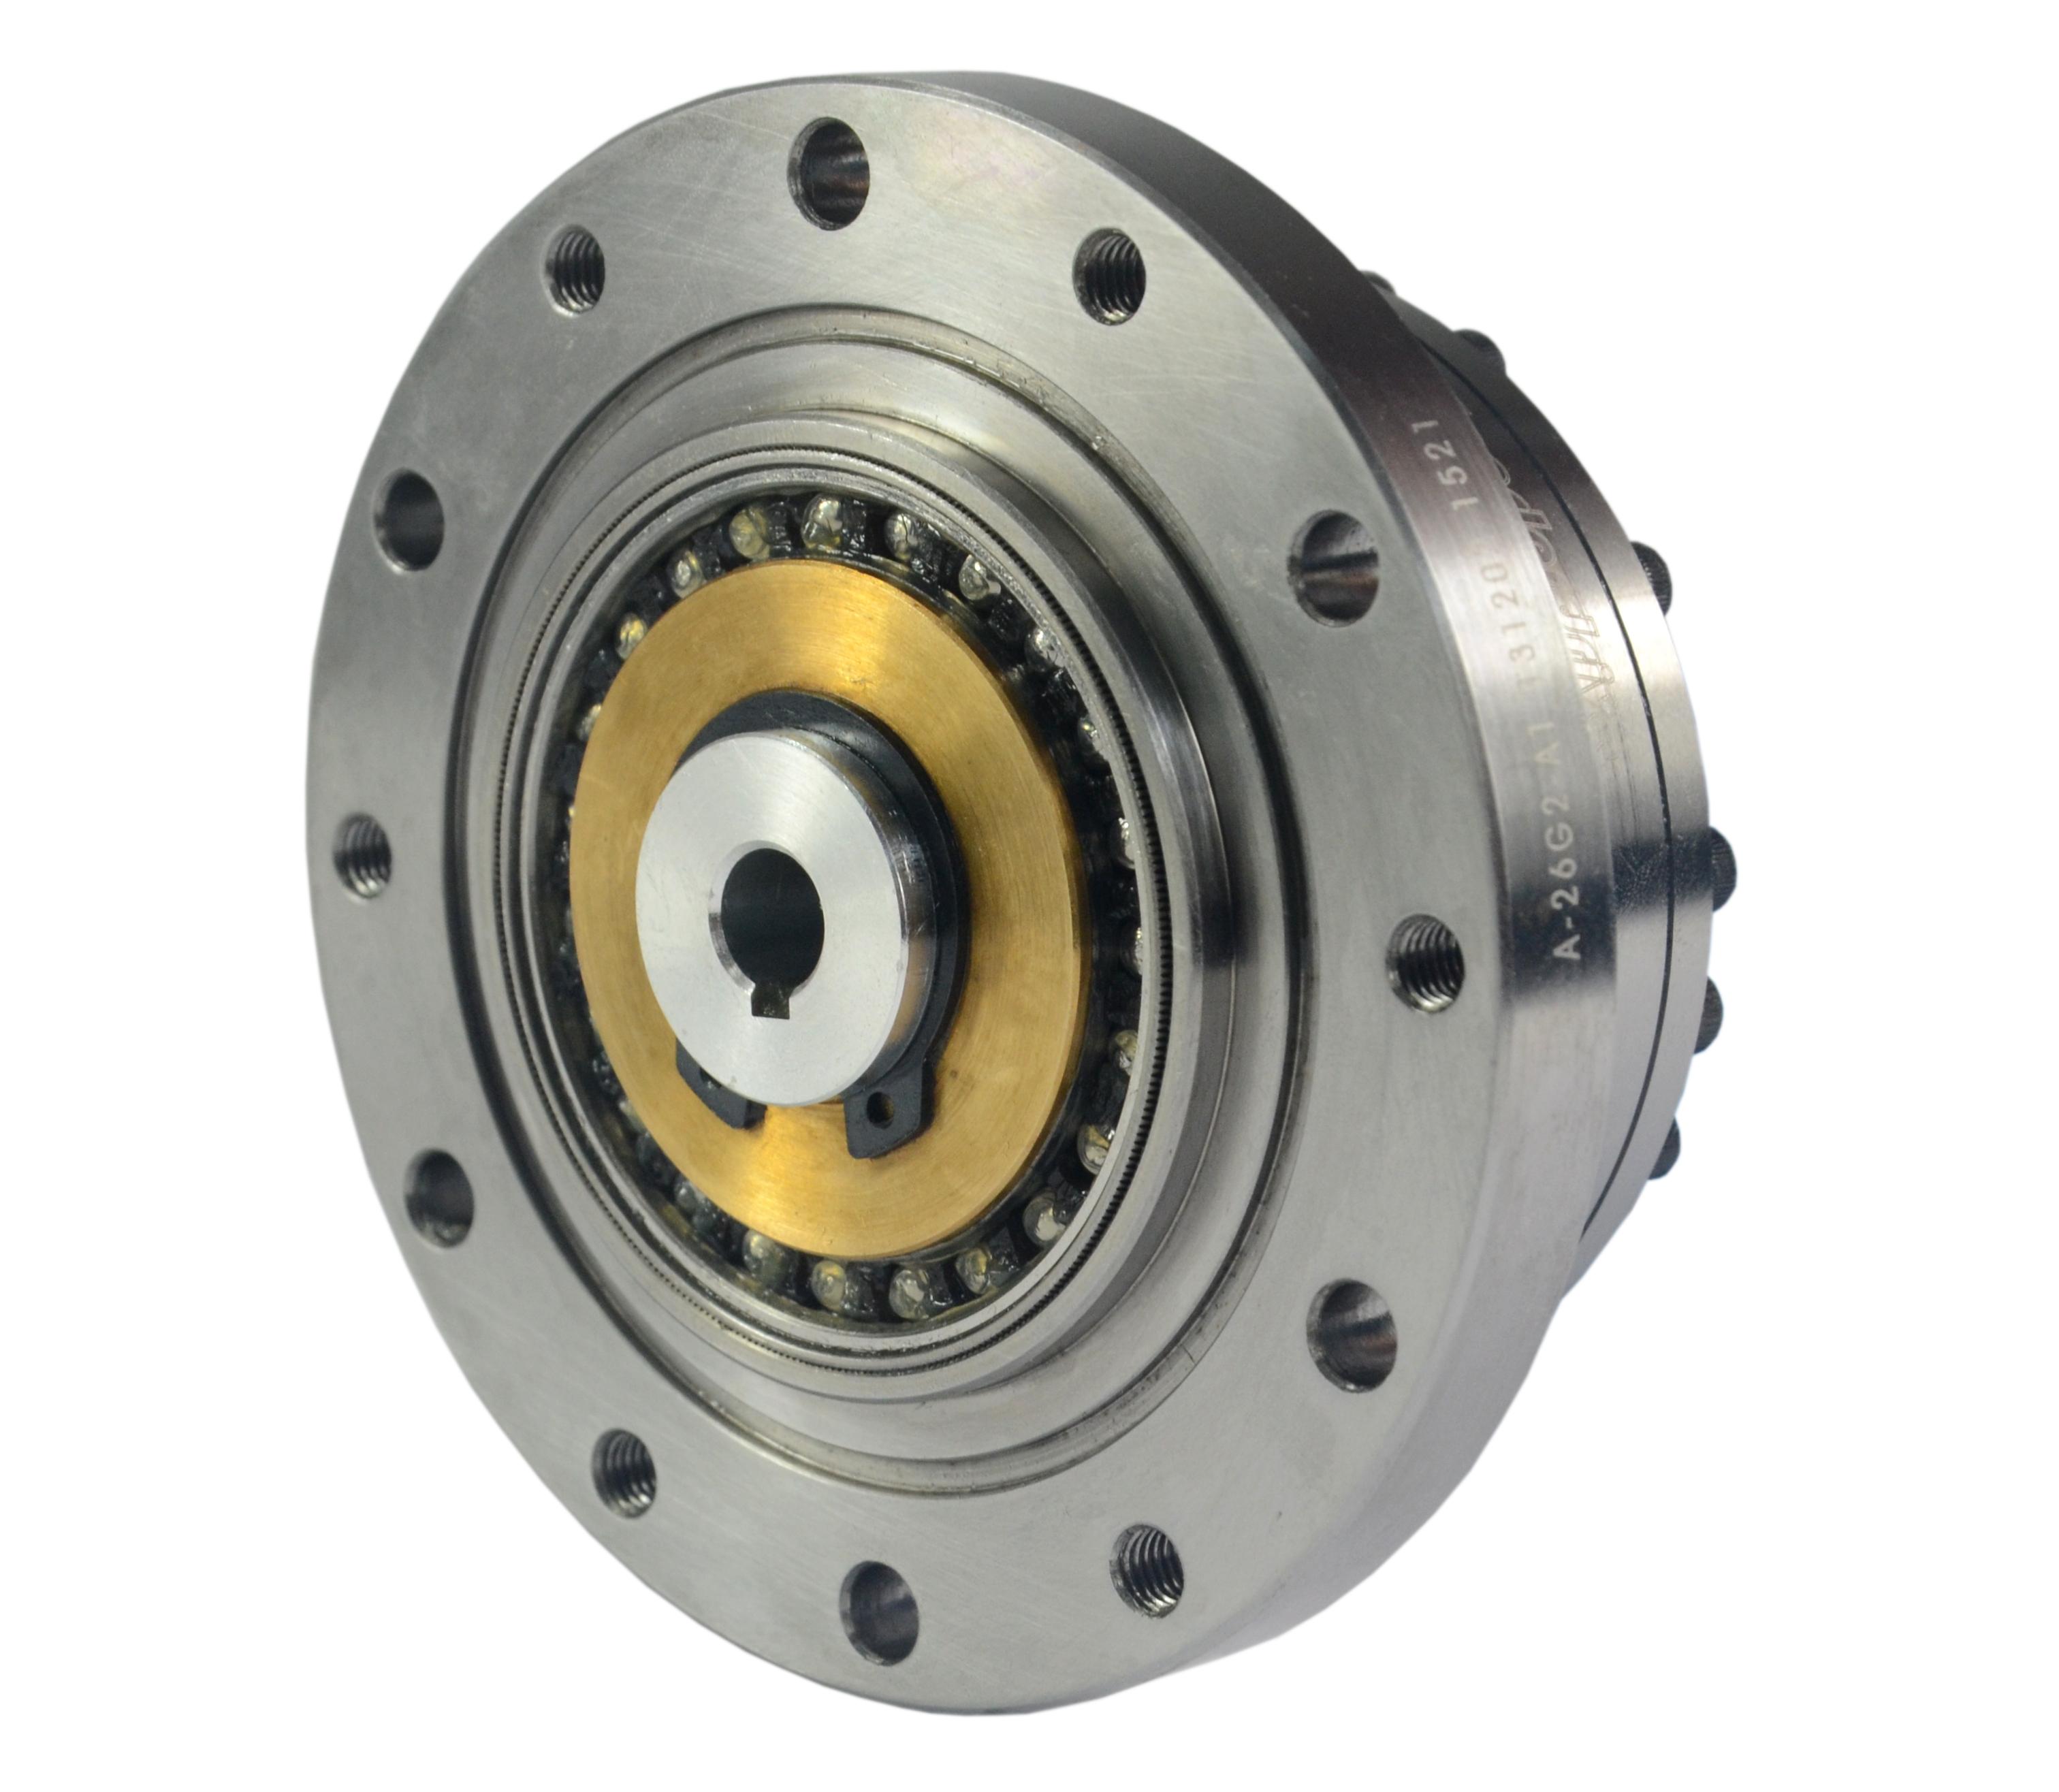 LCSG-II型高转矩系列谐波减速器